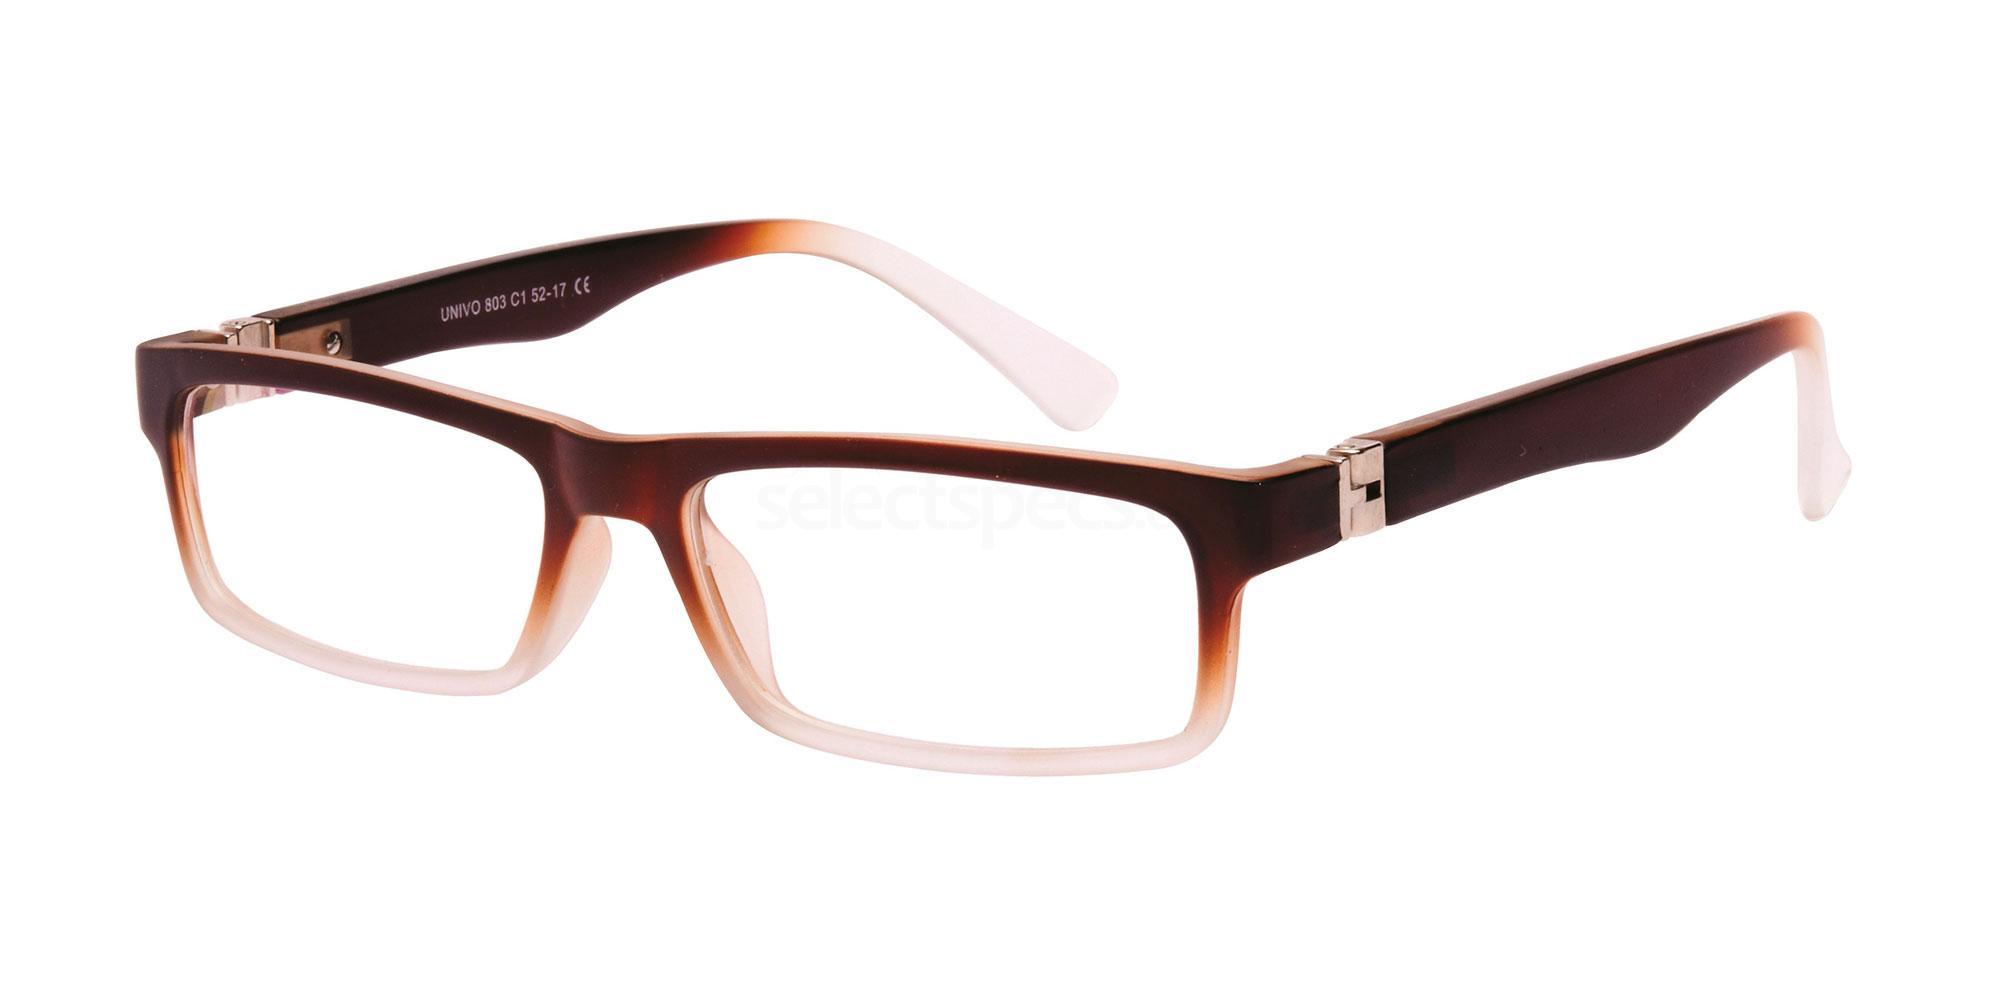 C1 U803 Glasses, Univo